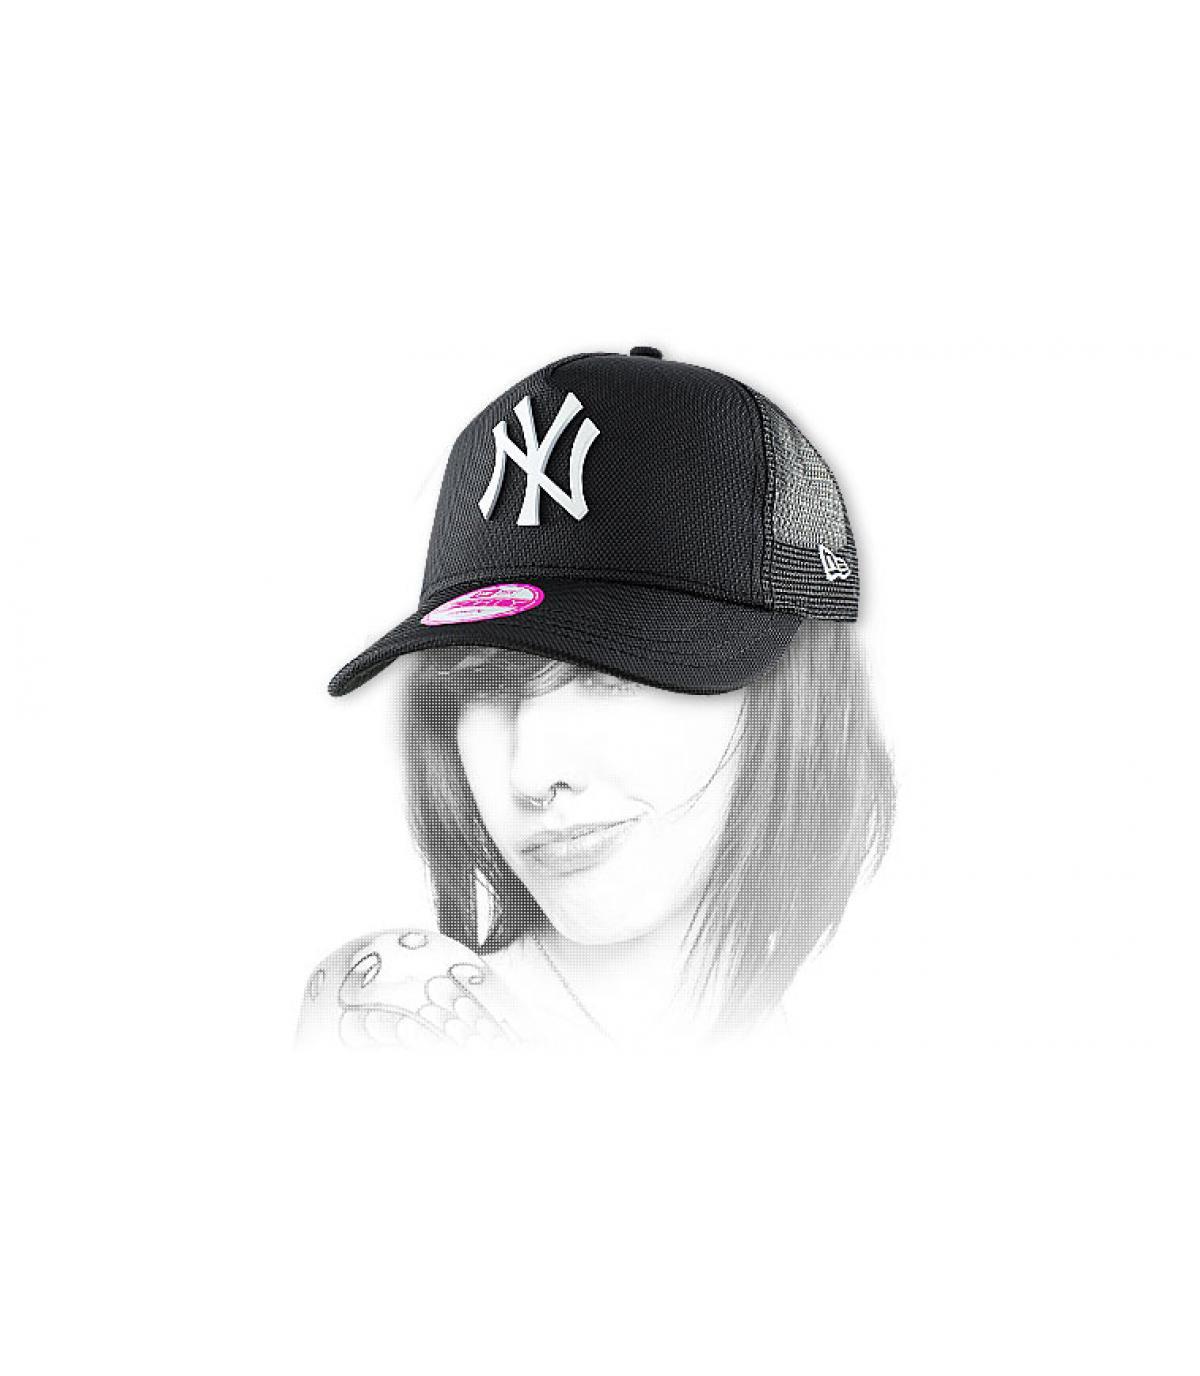 Détails Casquette femme NY met ball black - image 2